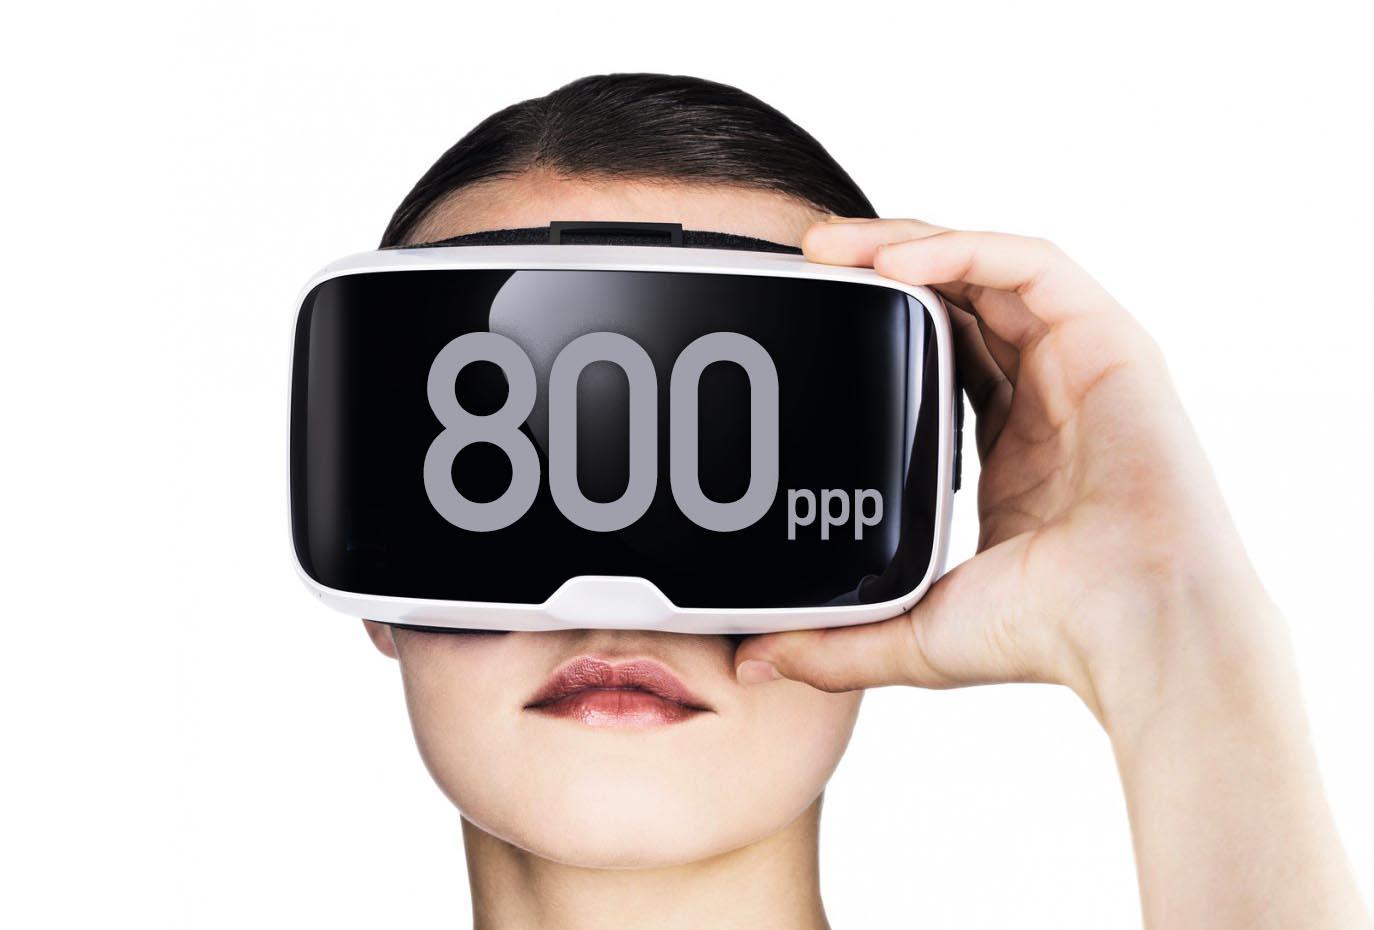 gafas-vr-800-ppp